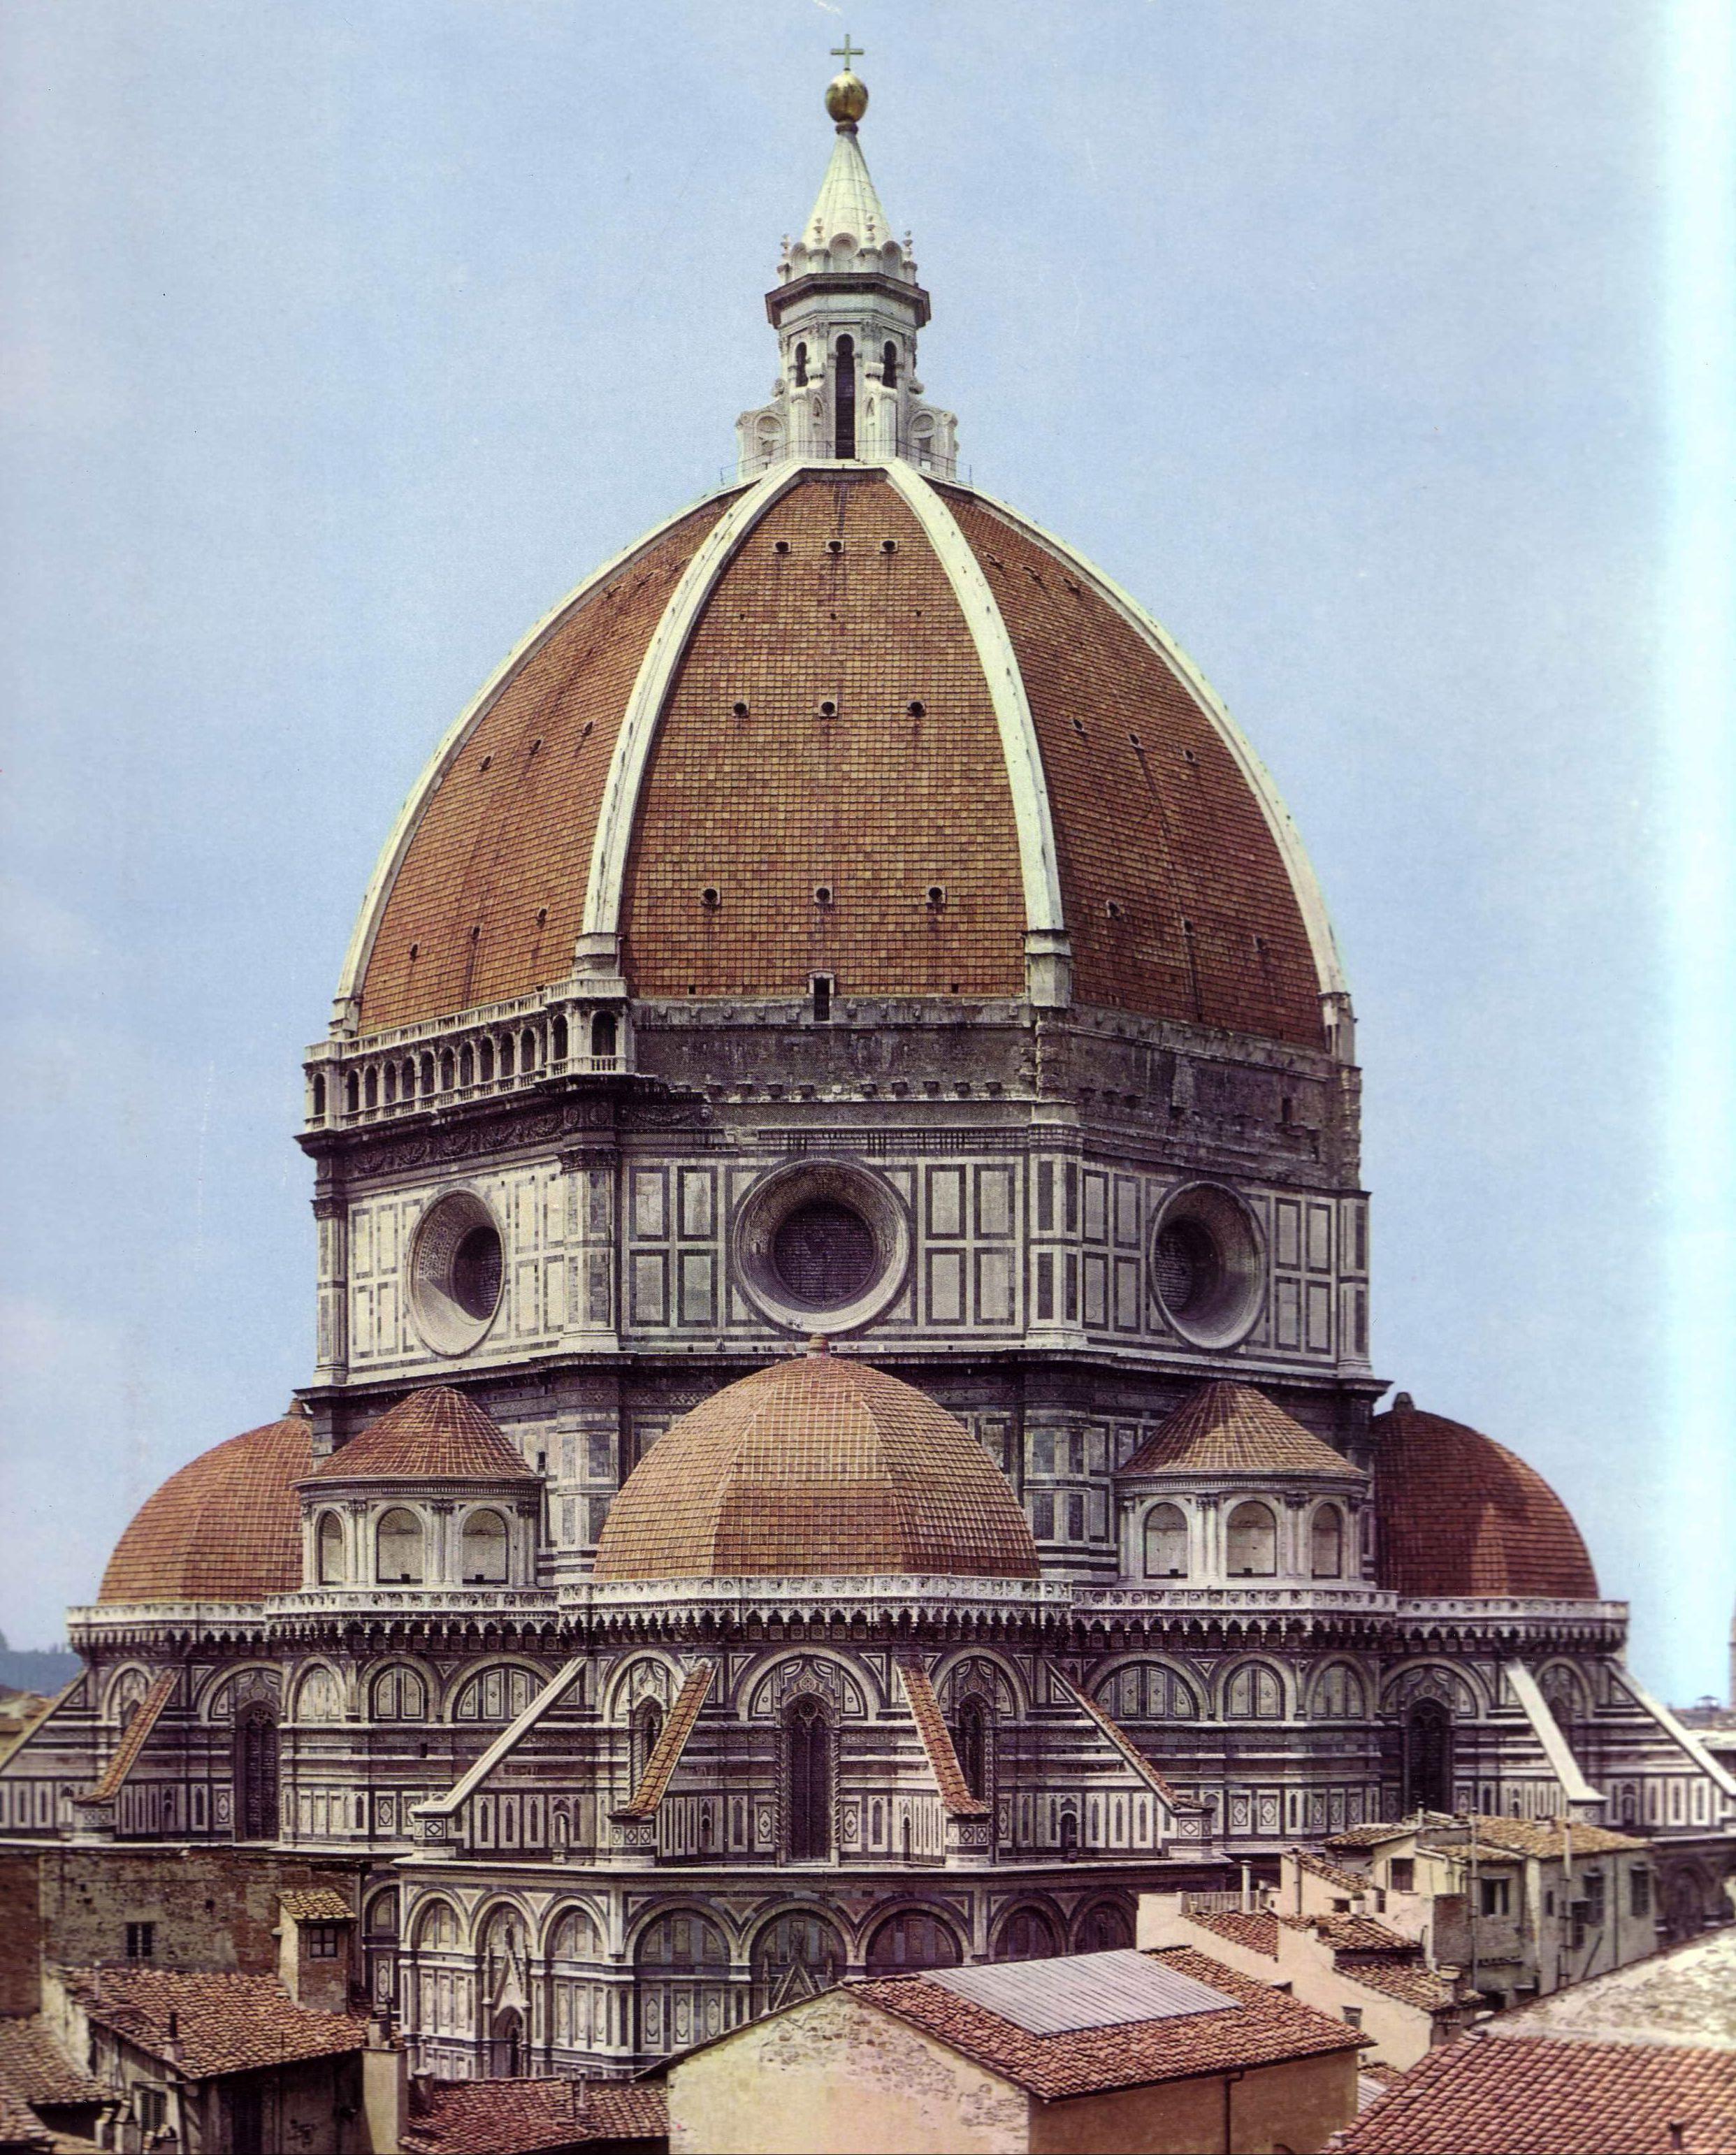 Santa María Del Fiore Cúpula De Brunelleschi Quattrocento Renacimiento Italiano Arquitectura Renacentista Renacentismo Arquitectura Catedral